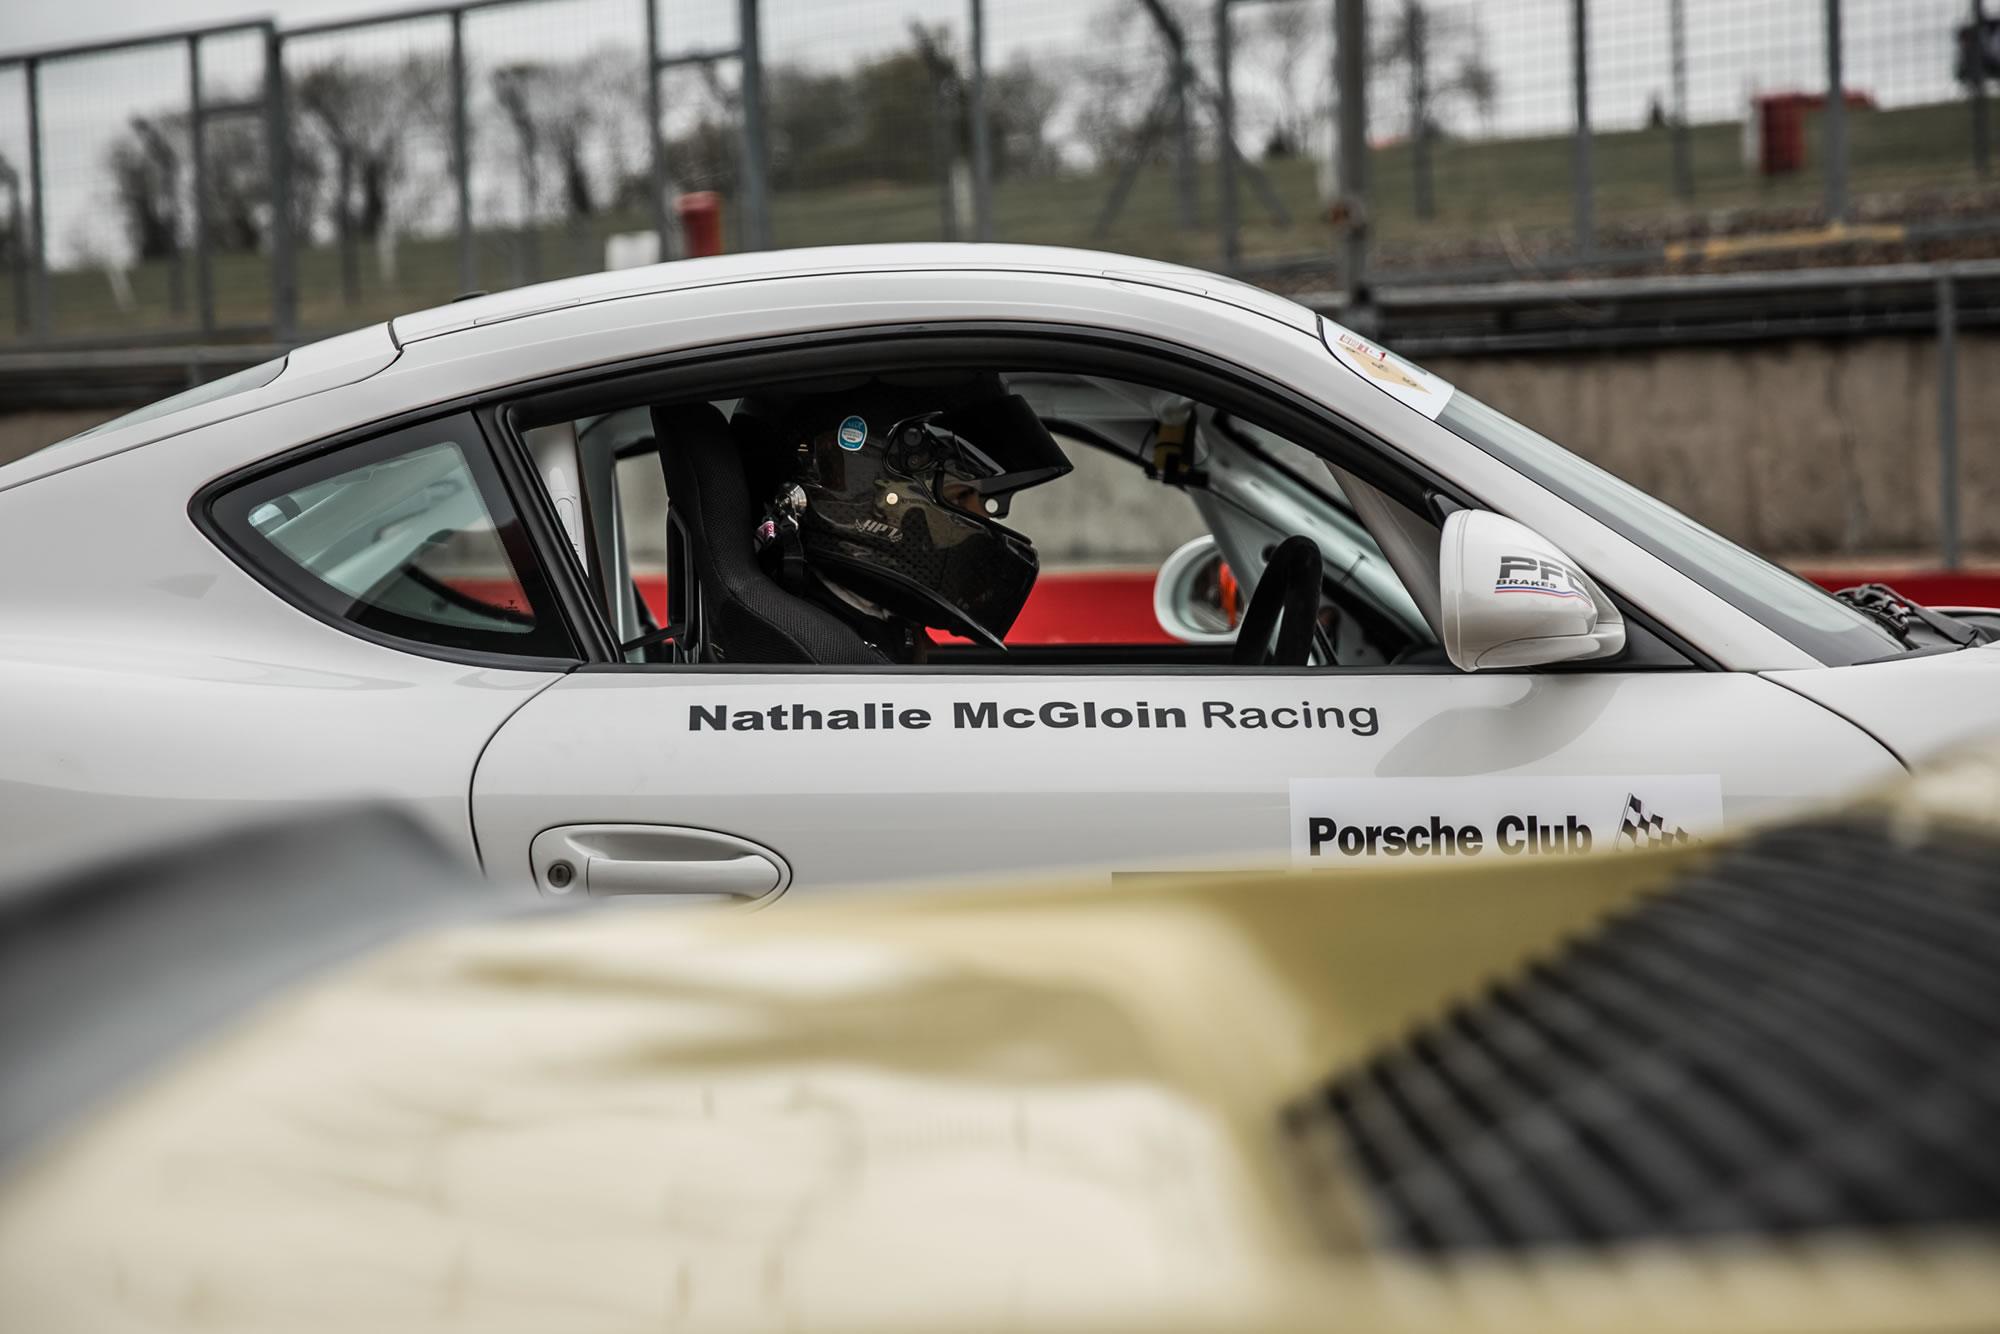 Nathalie_McGloin_Racer_FH2A3480.jpg